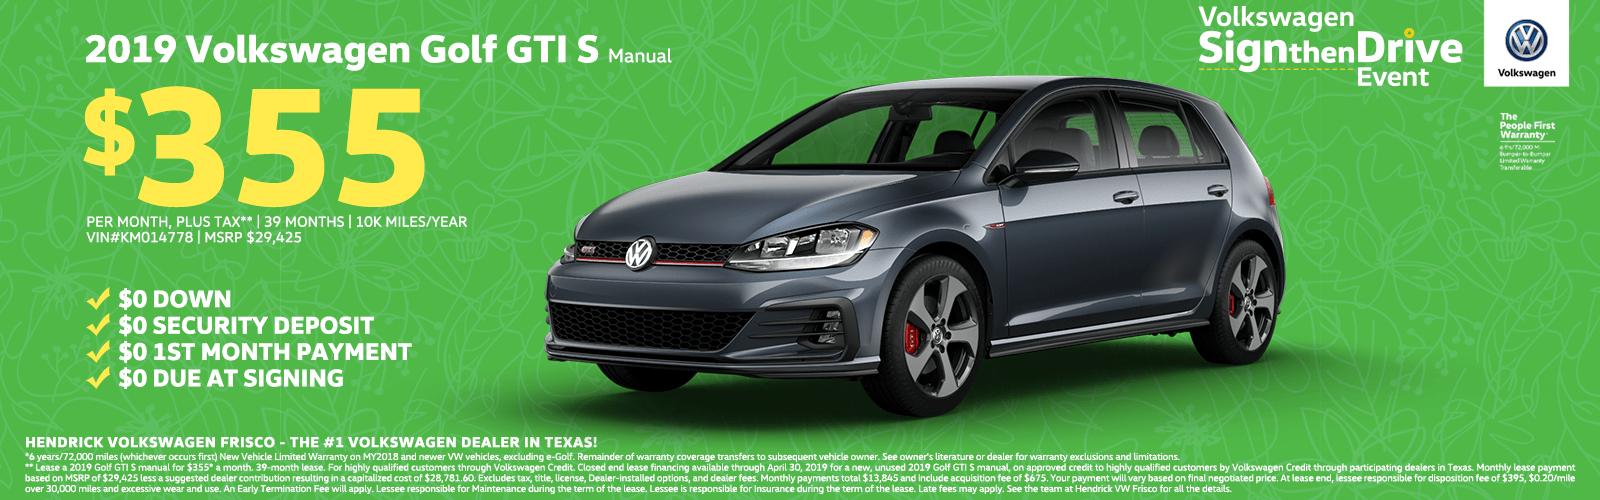 2019 Volkswagen Golf GTI S Manual $355 Homepage